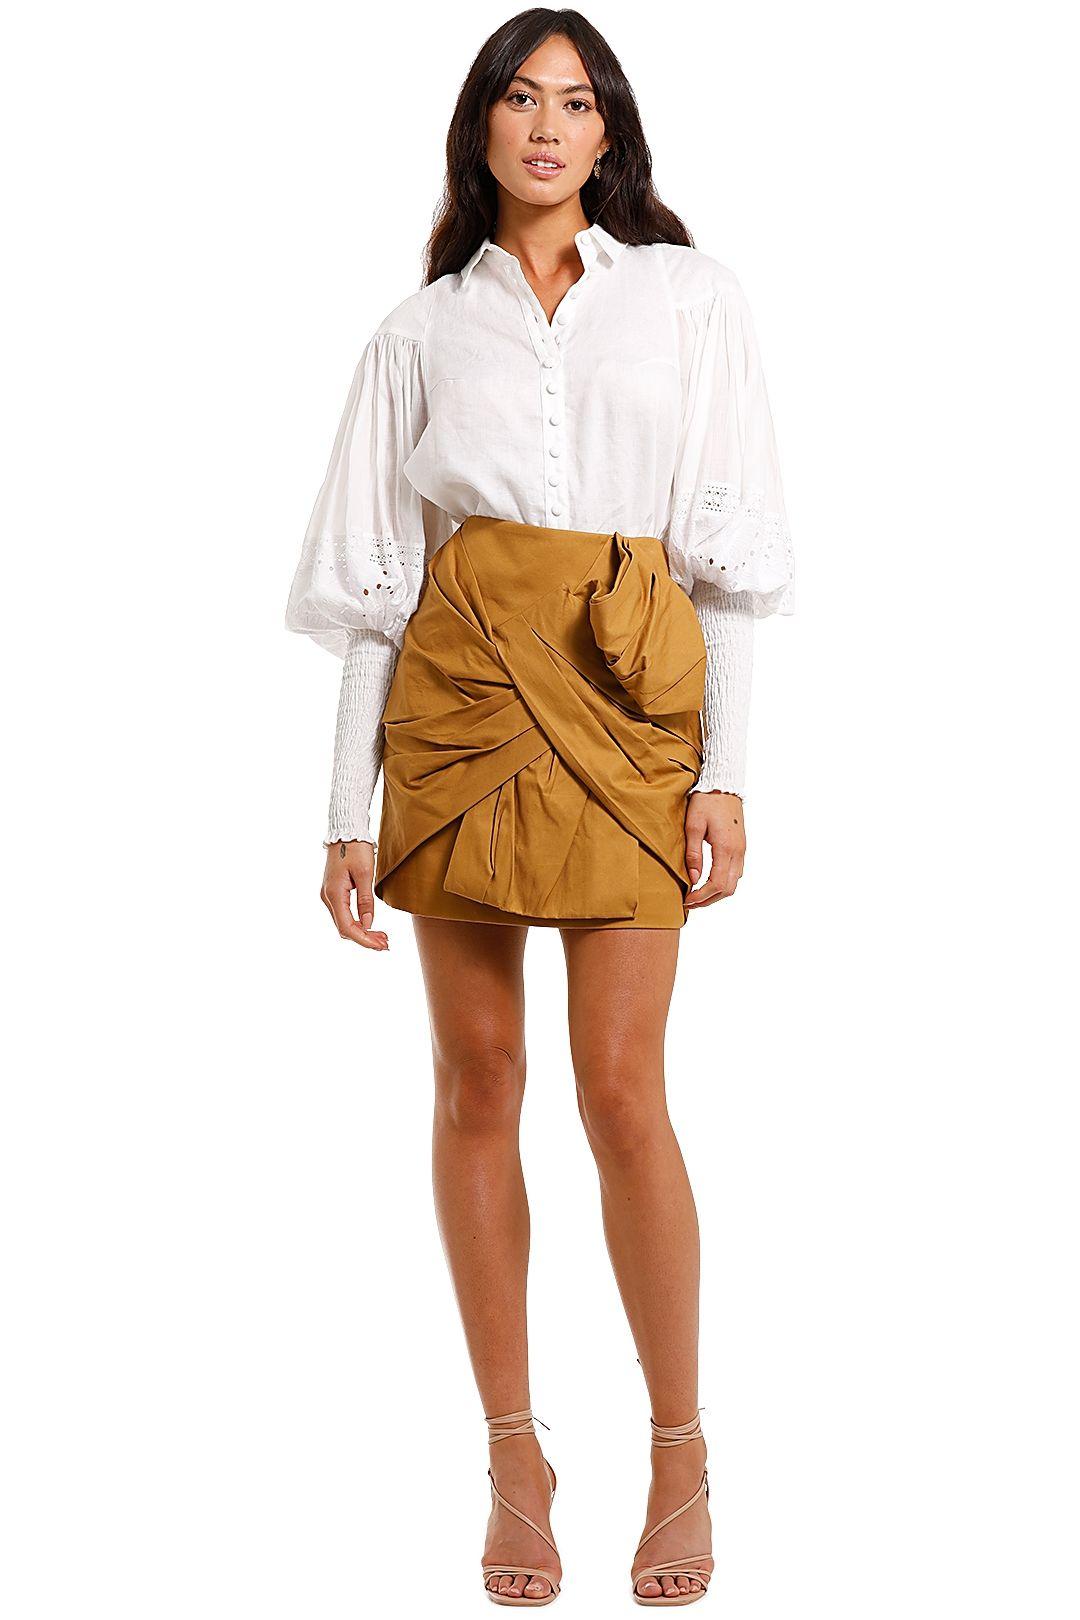 Joslin Sarina Linen Cotton Shirt Lace